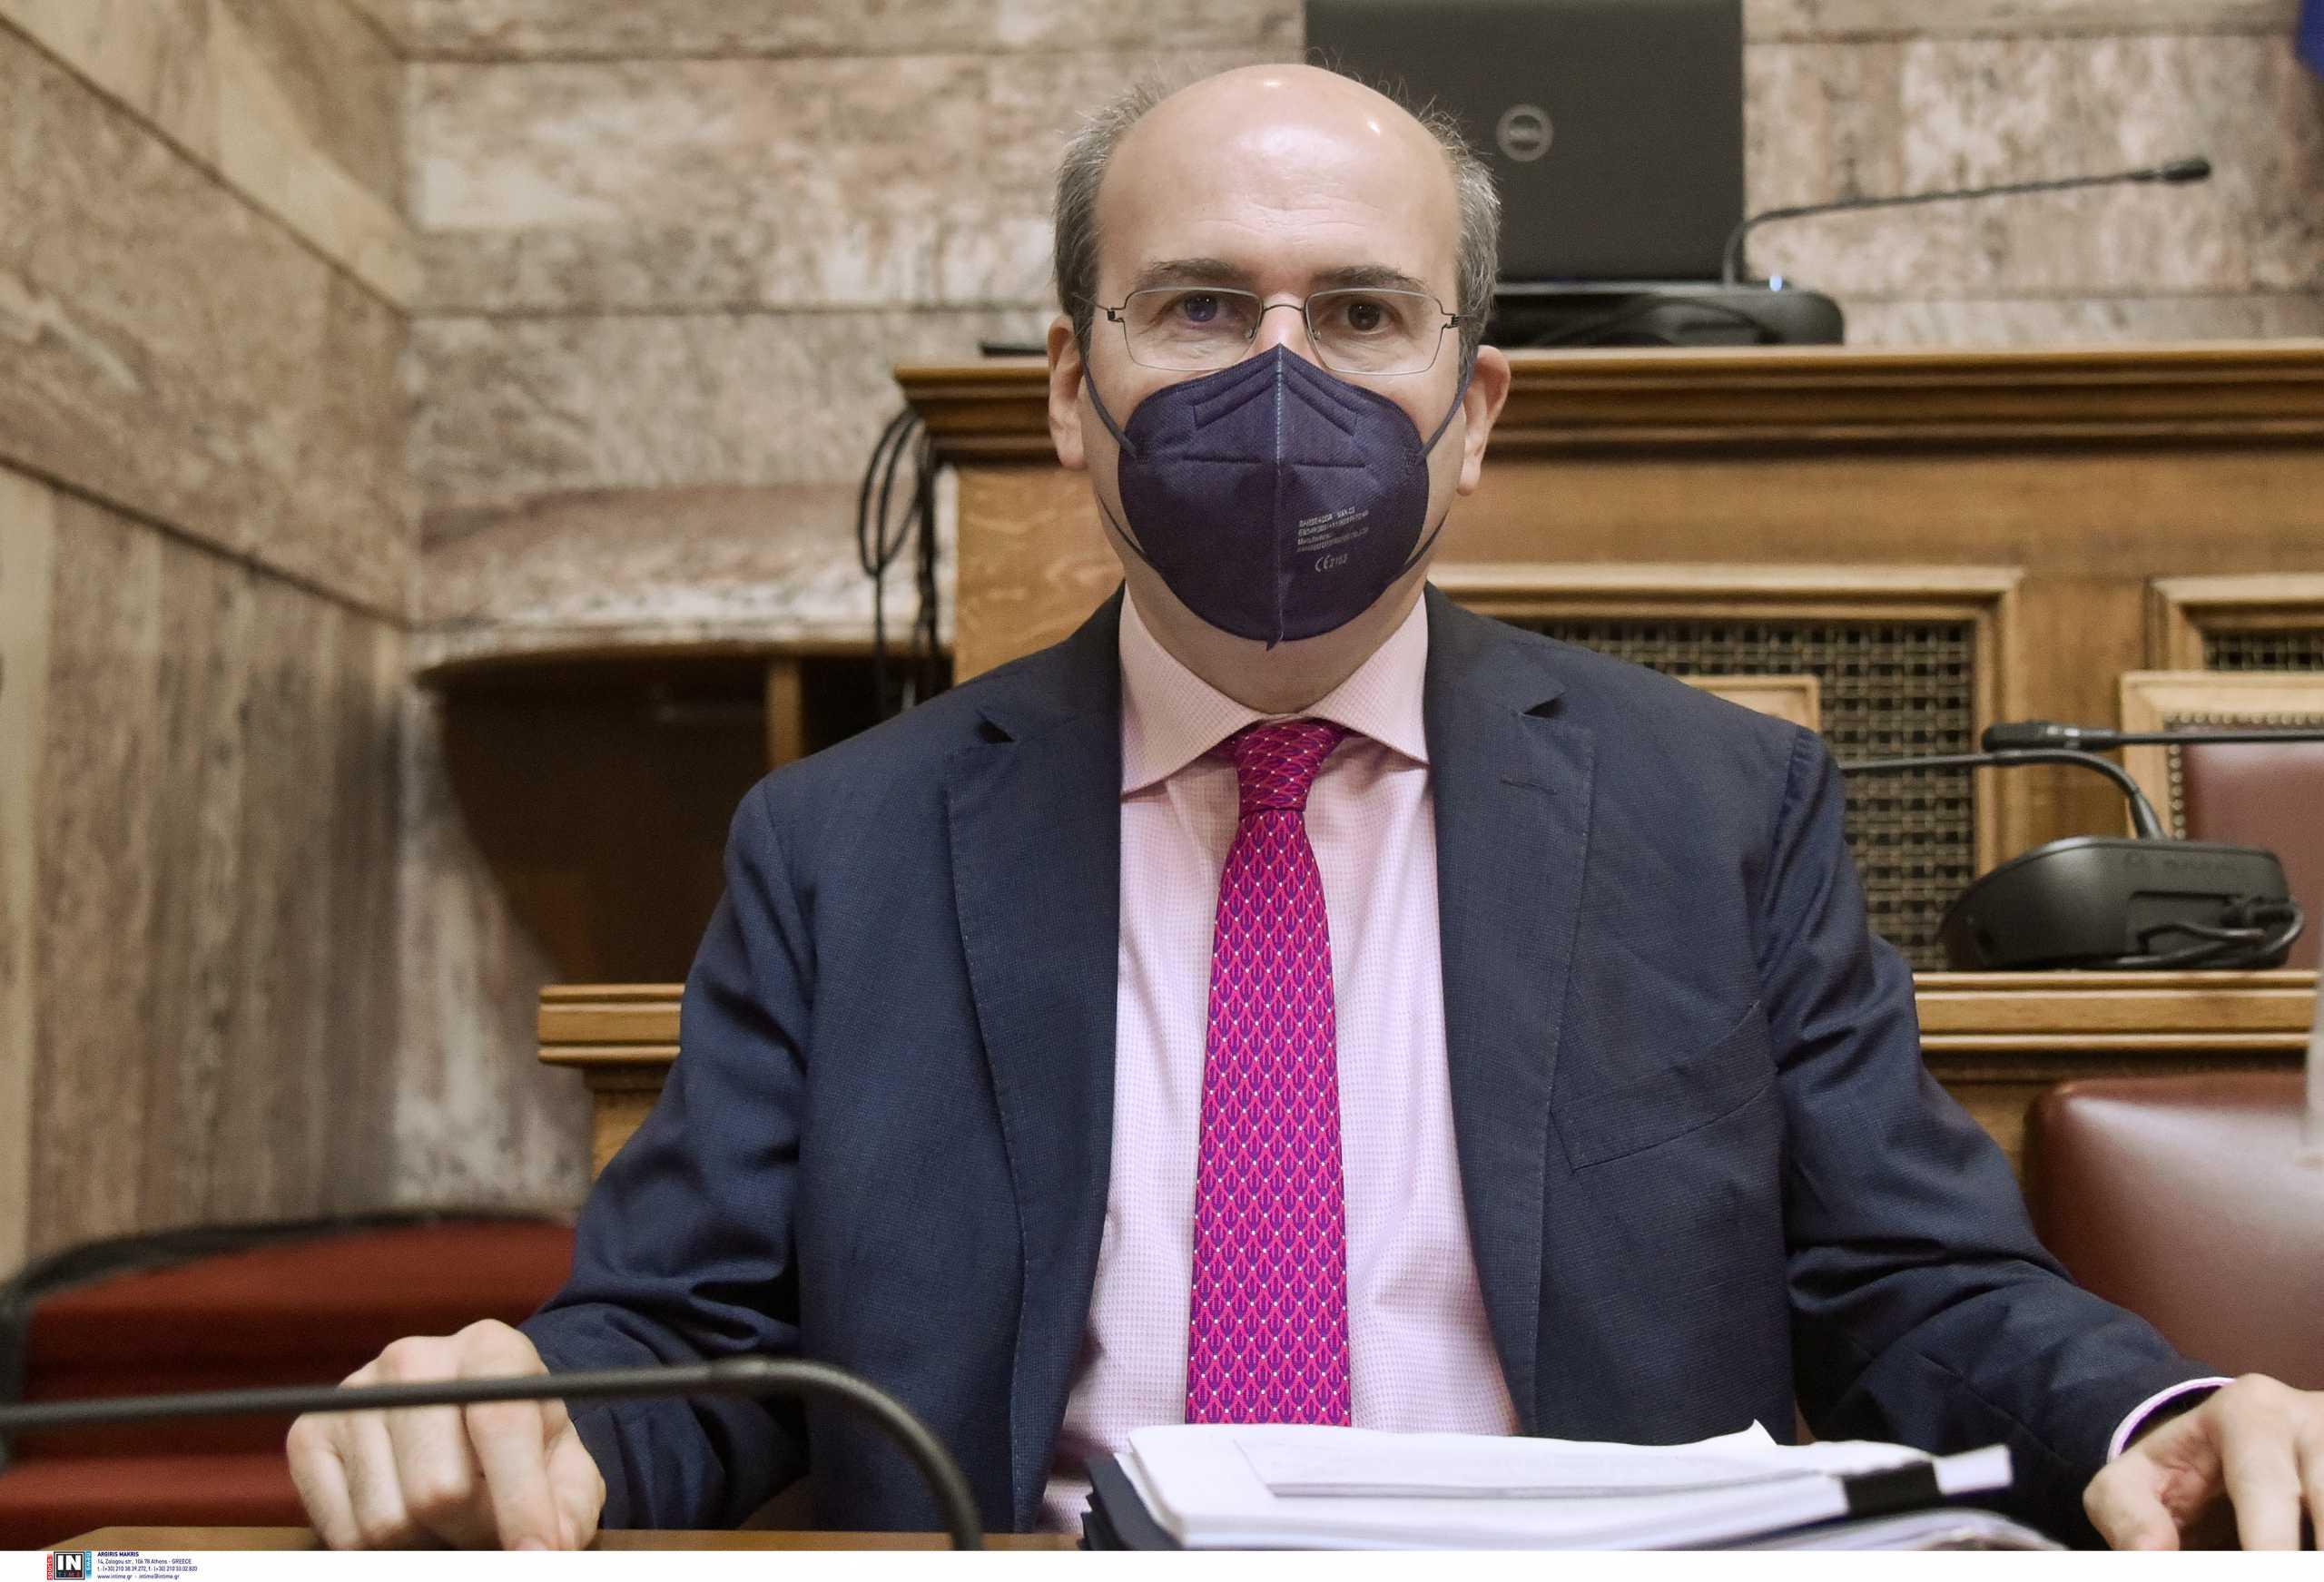 Χατζηδάκης στους υπαλλήλους του ΕΦΚΑ: Είμαστε υπηρέτες των πολιτών και όχι εξουσιαστές